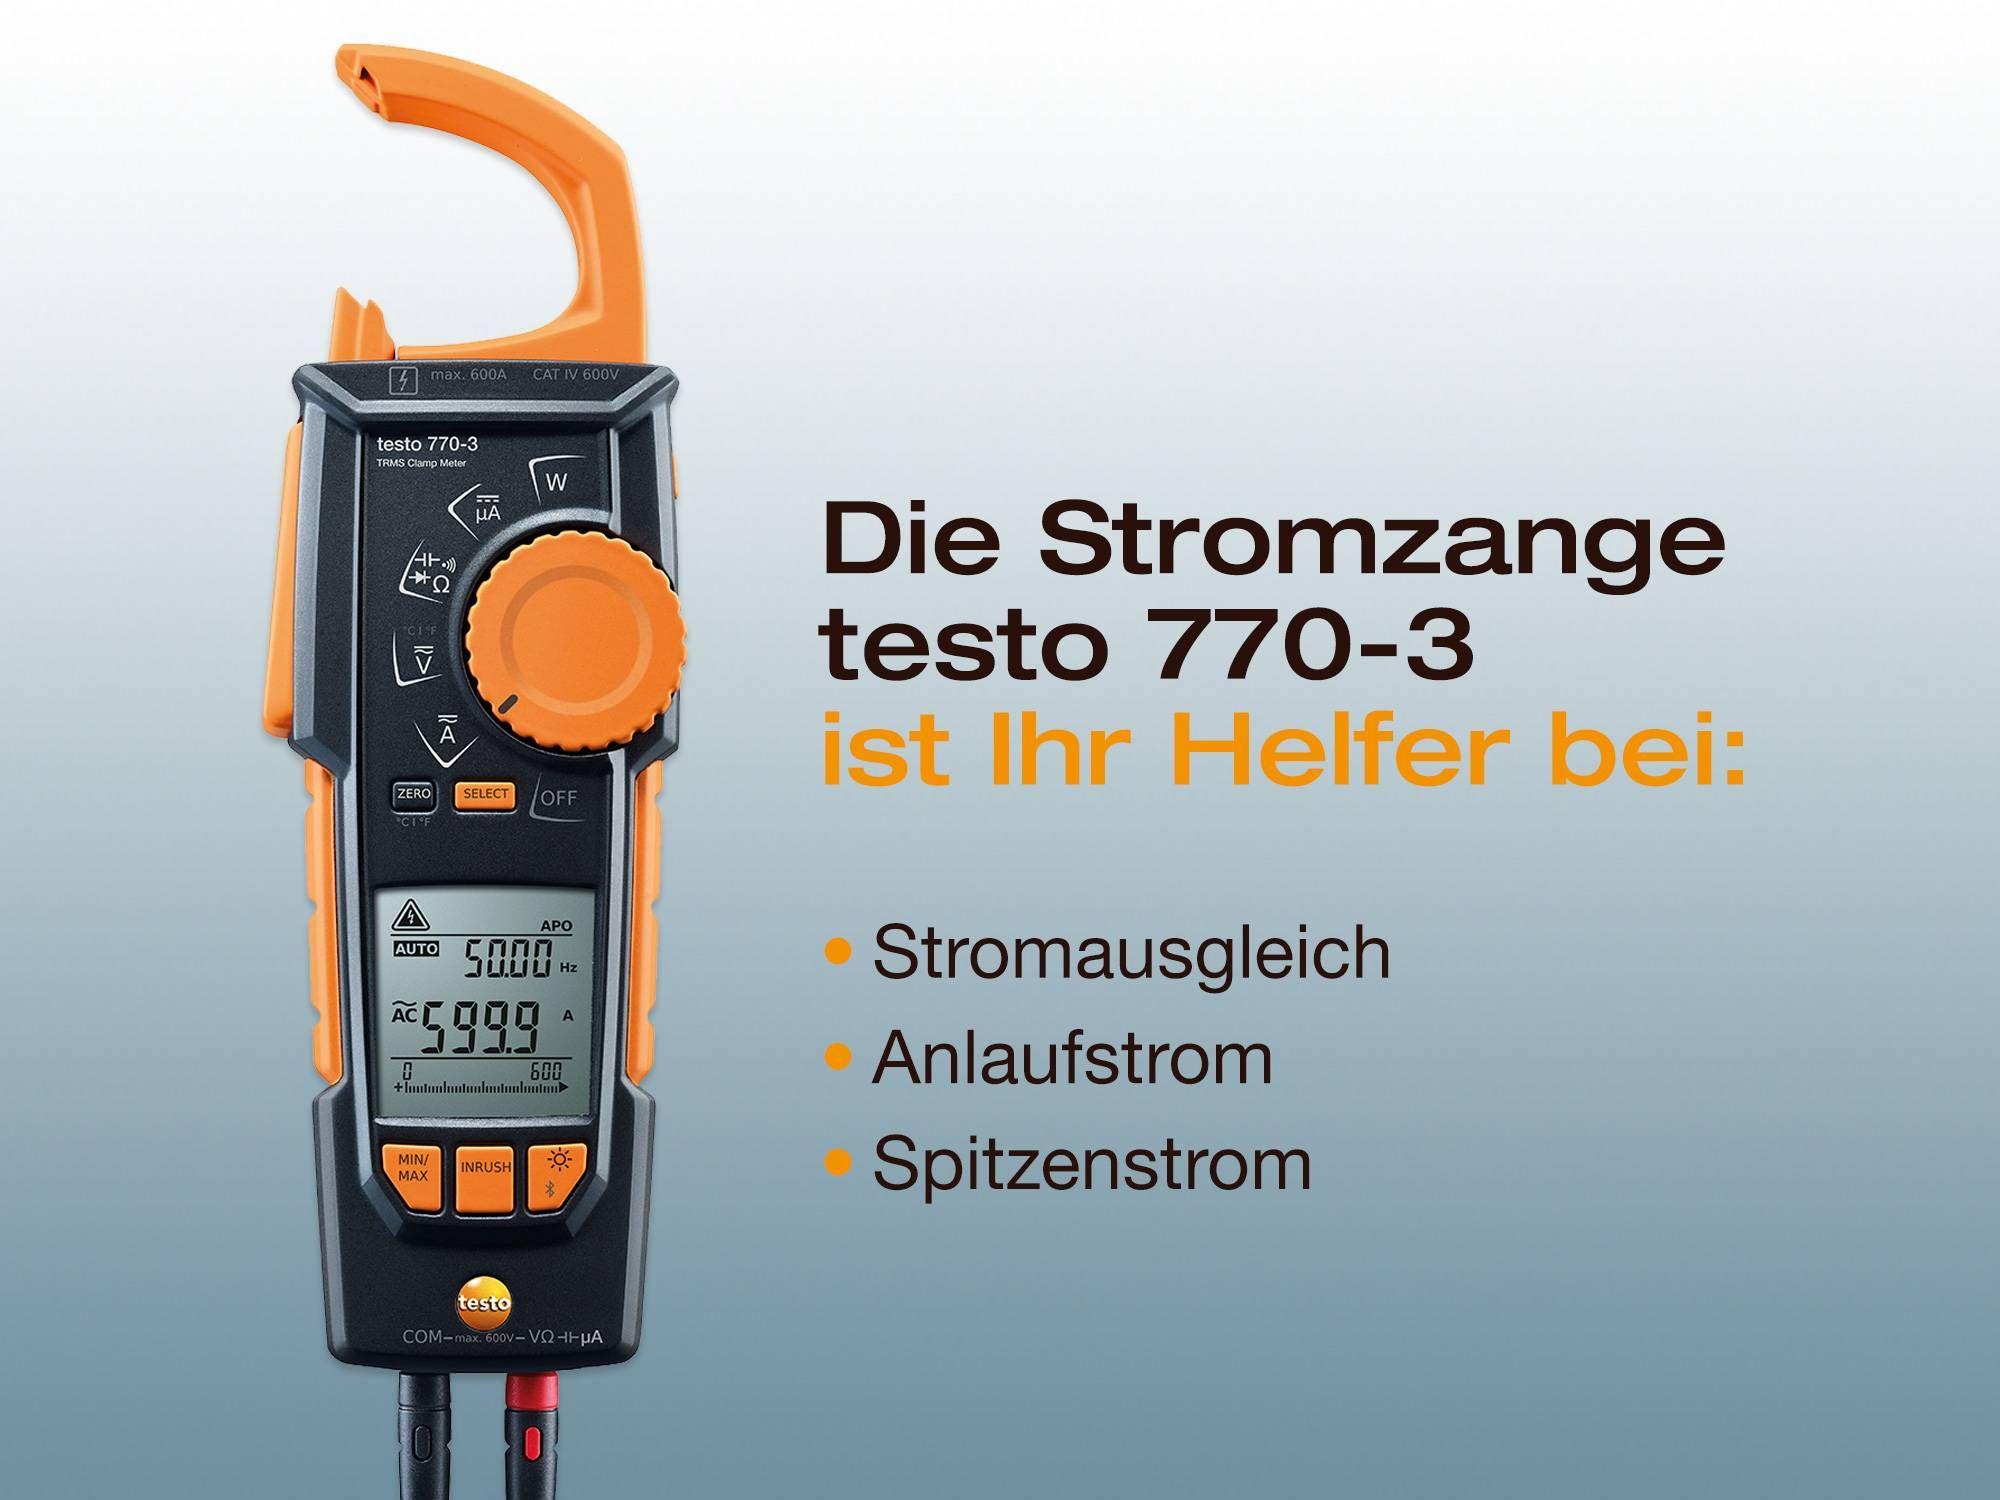 testo-770-3-stromzange-als-helfer.jpg